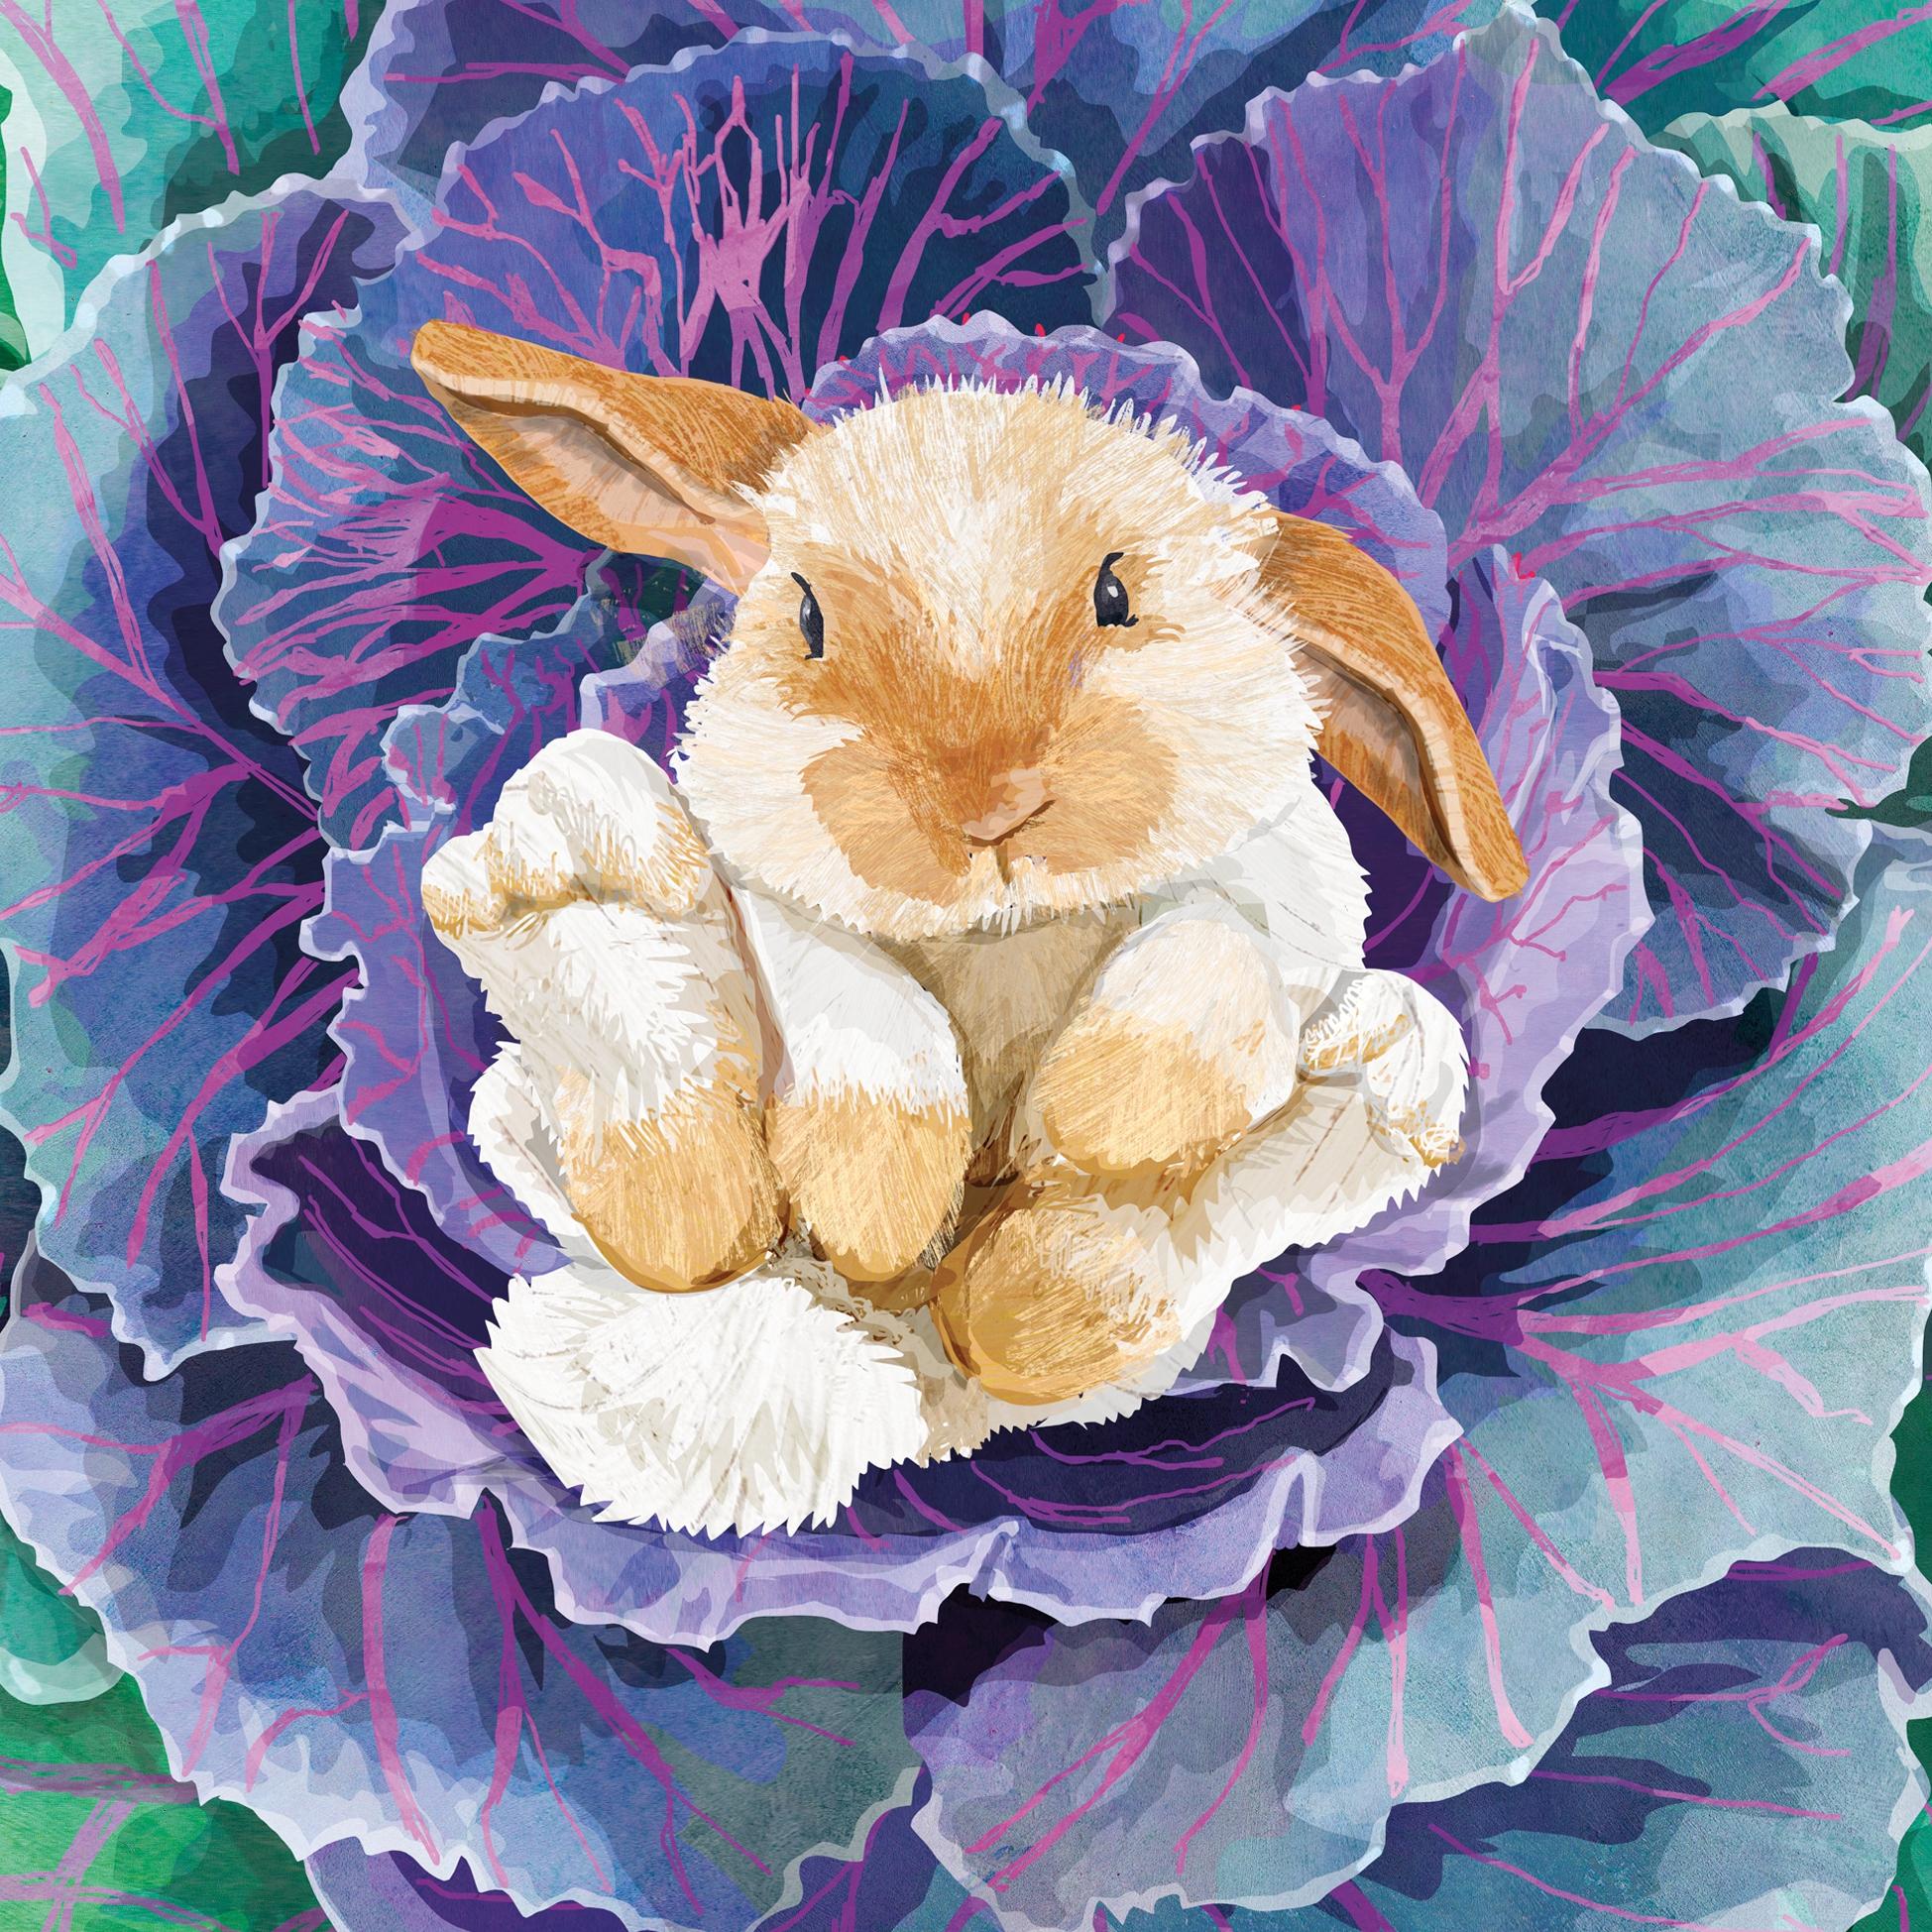 Servilletas 33x33 cm - Babs the Bunny